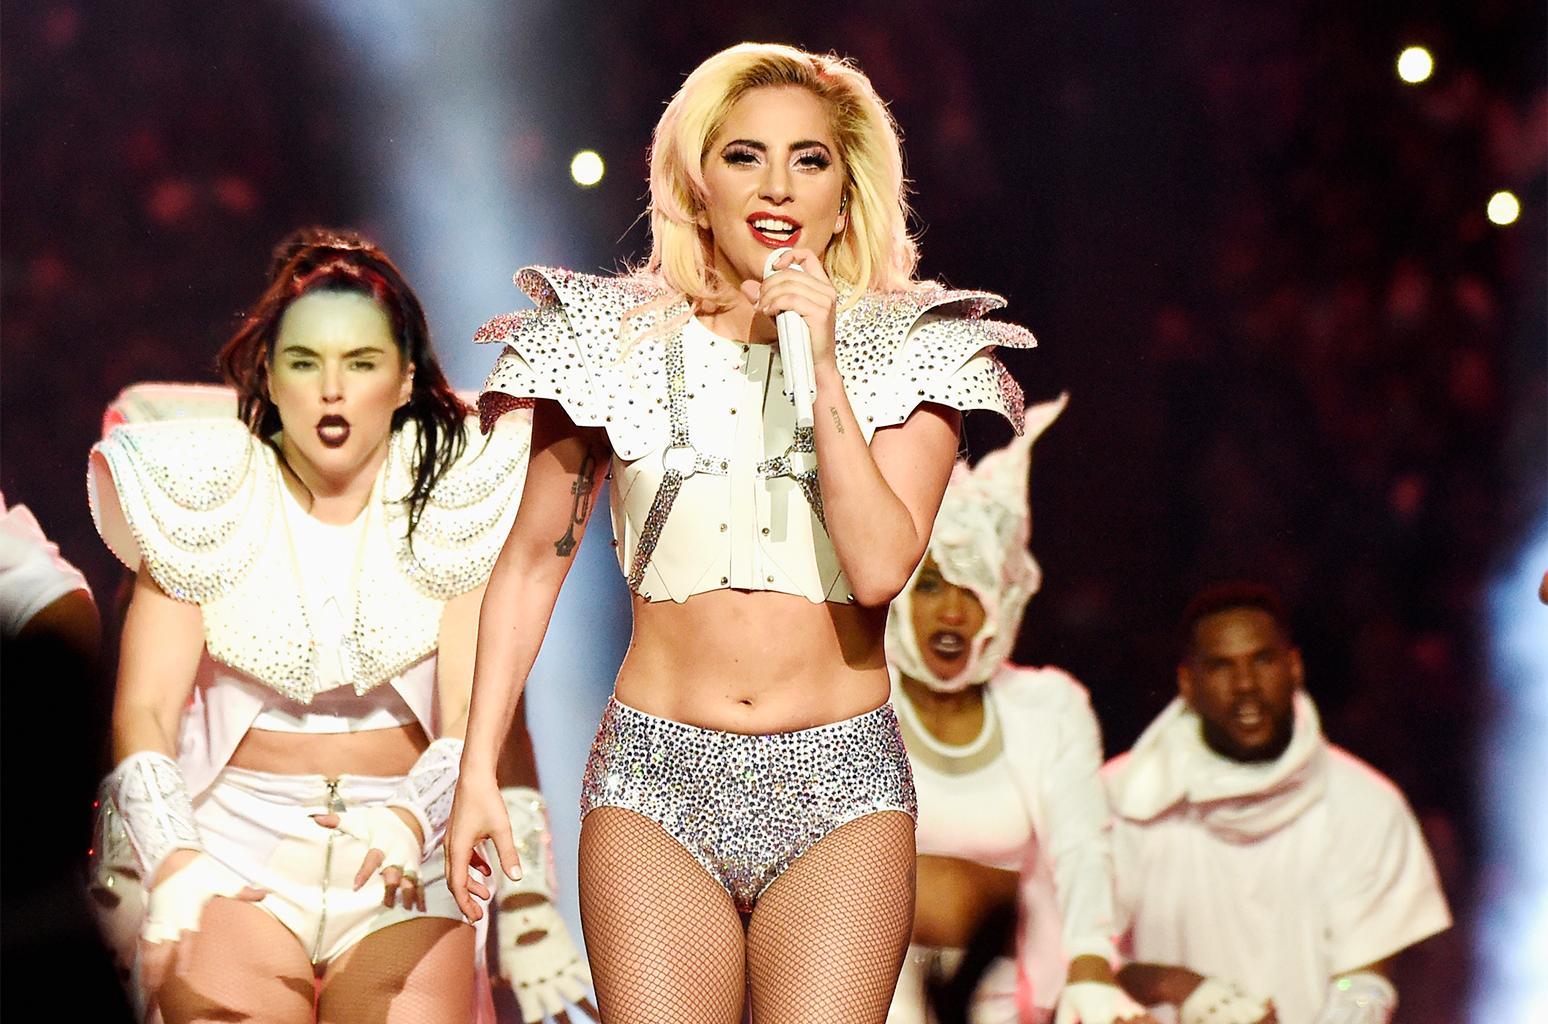 Em show da nova turnê, Lady Gaga pede ajuda a segurança para recuperar bandeira LGBT